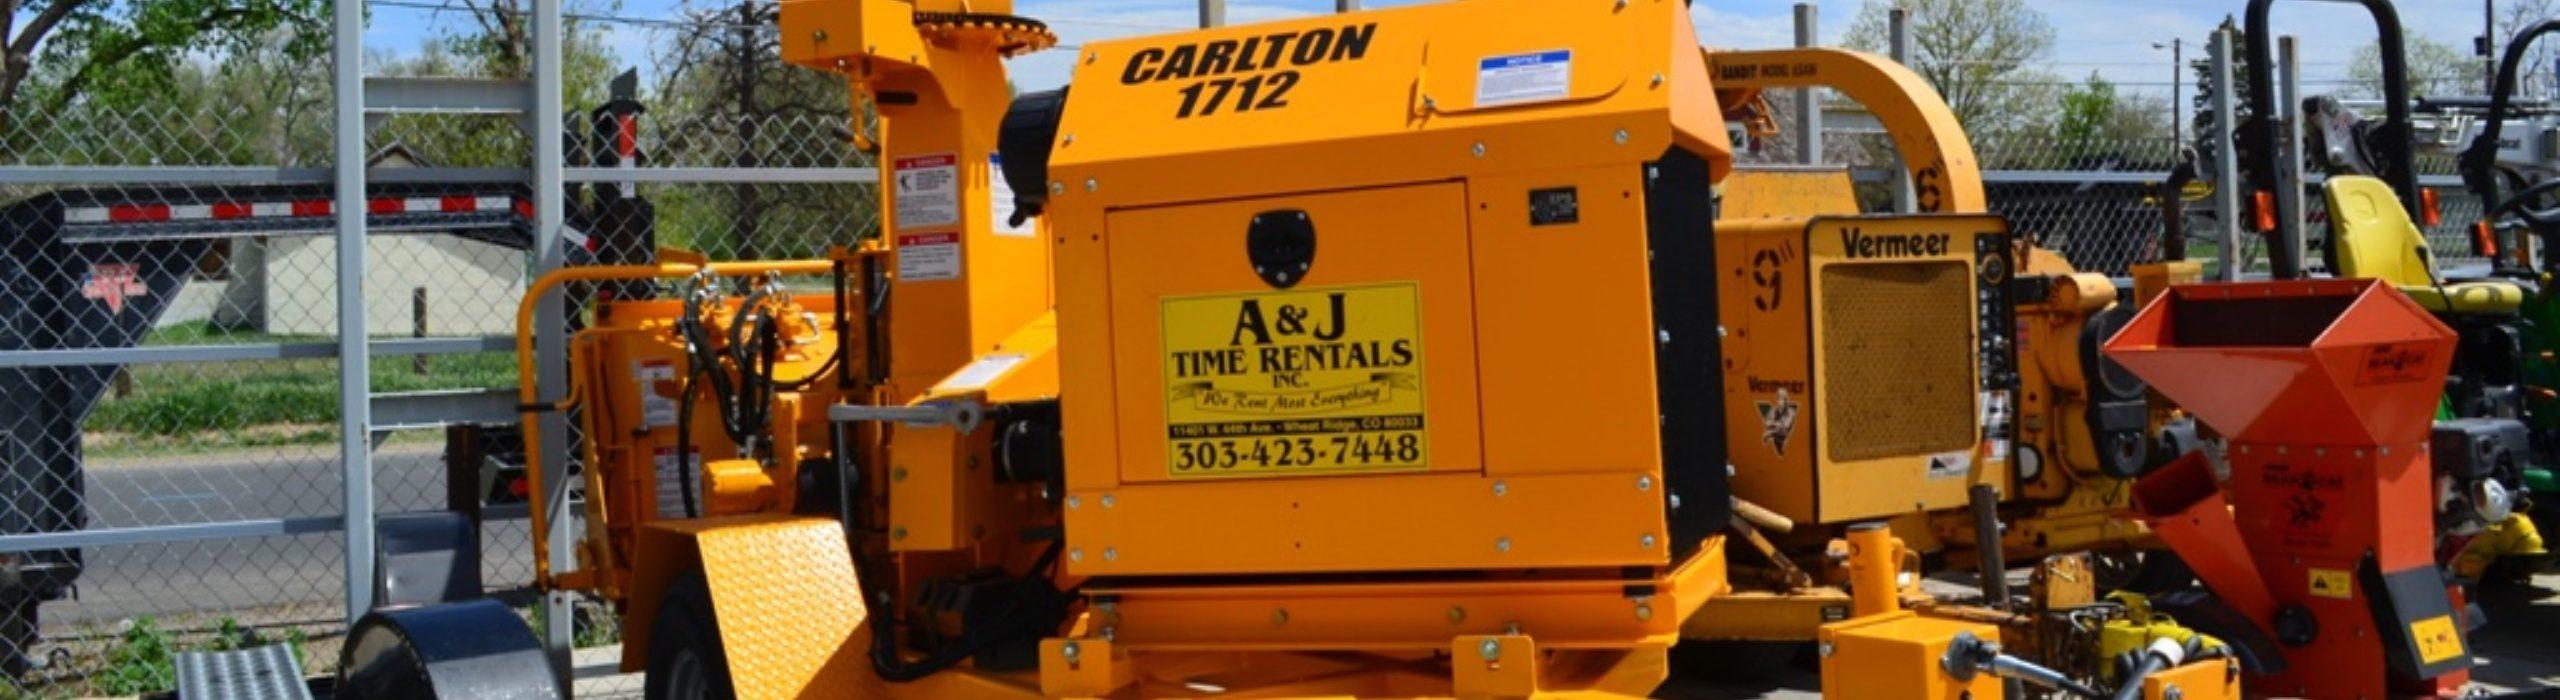 A & J Time Rentals, Inc.